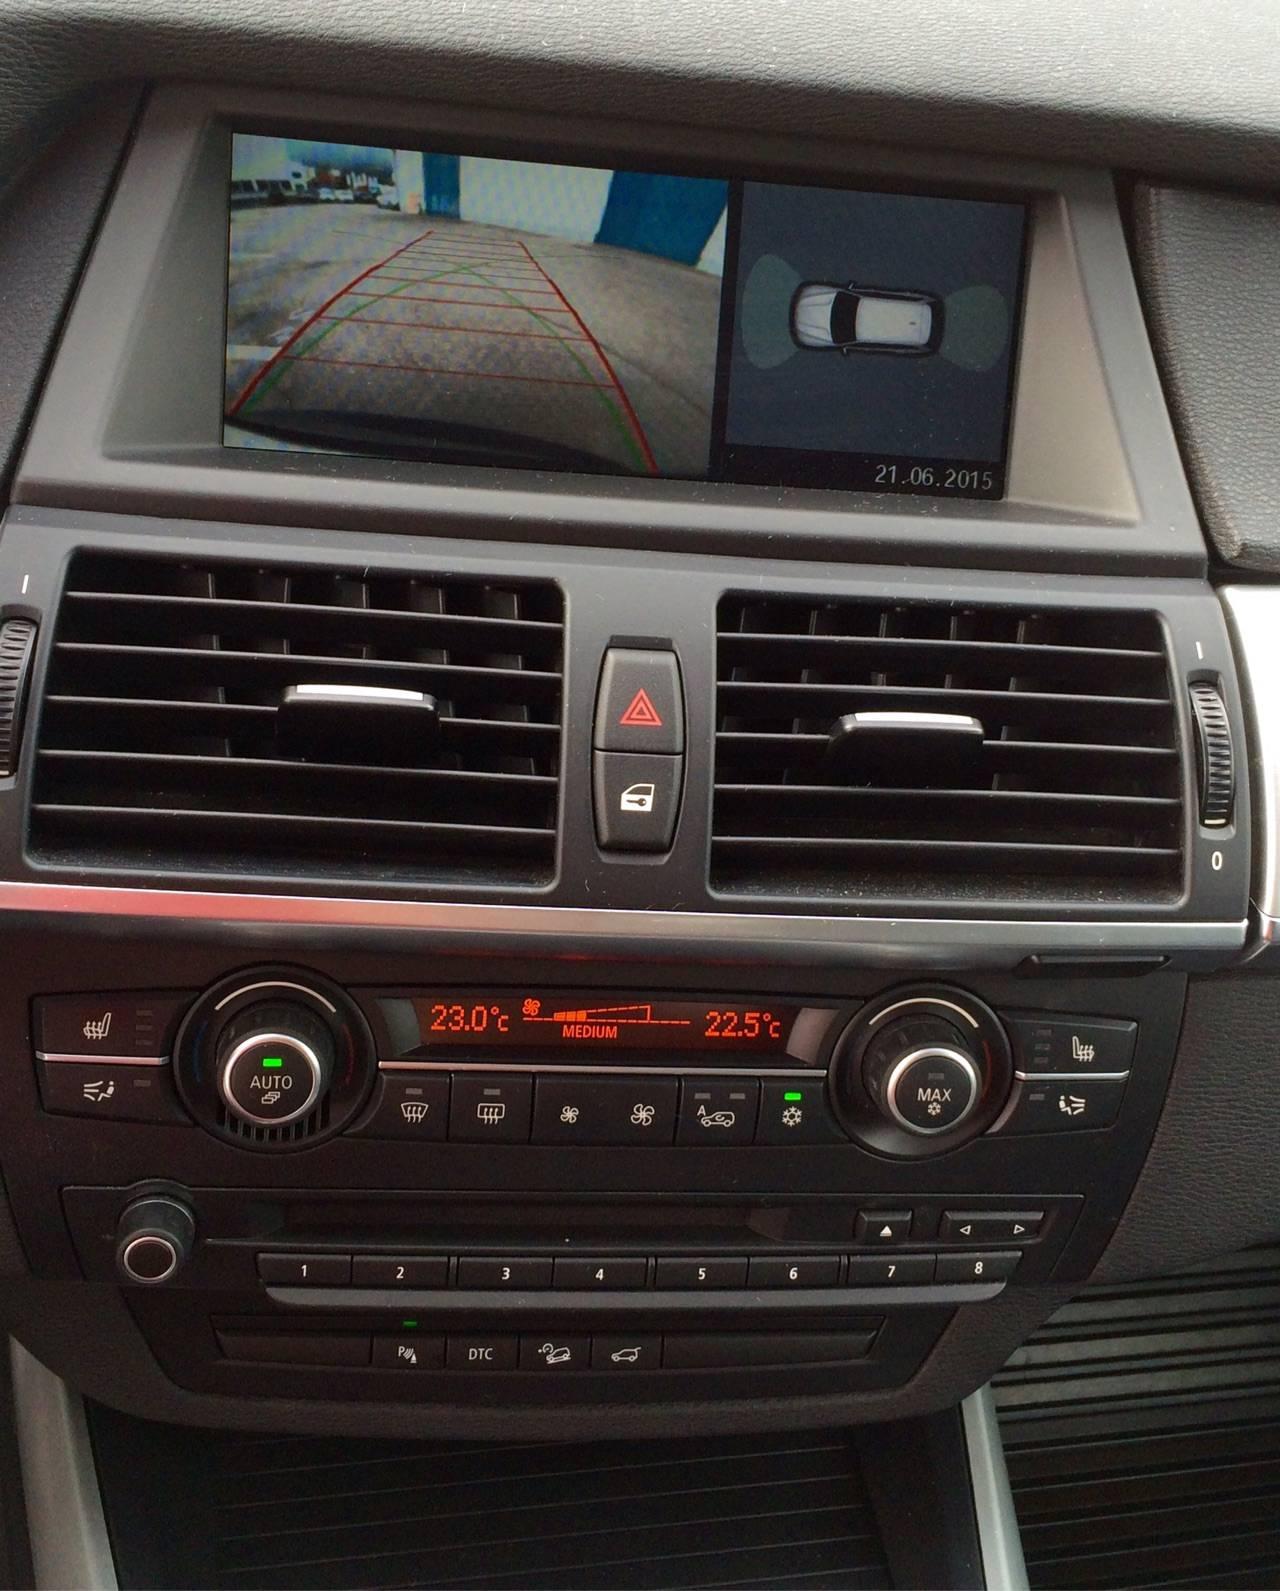 BMW X5 xdrive 3 0d Automatik